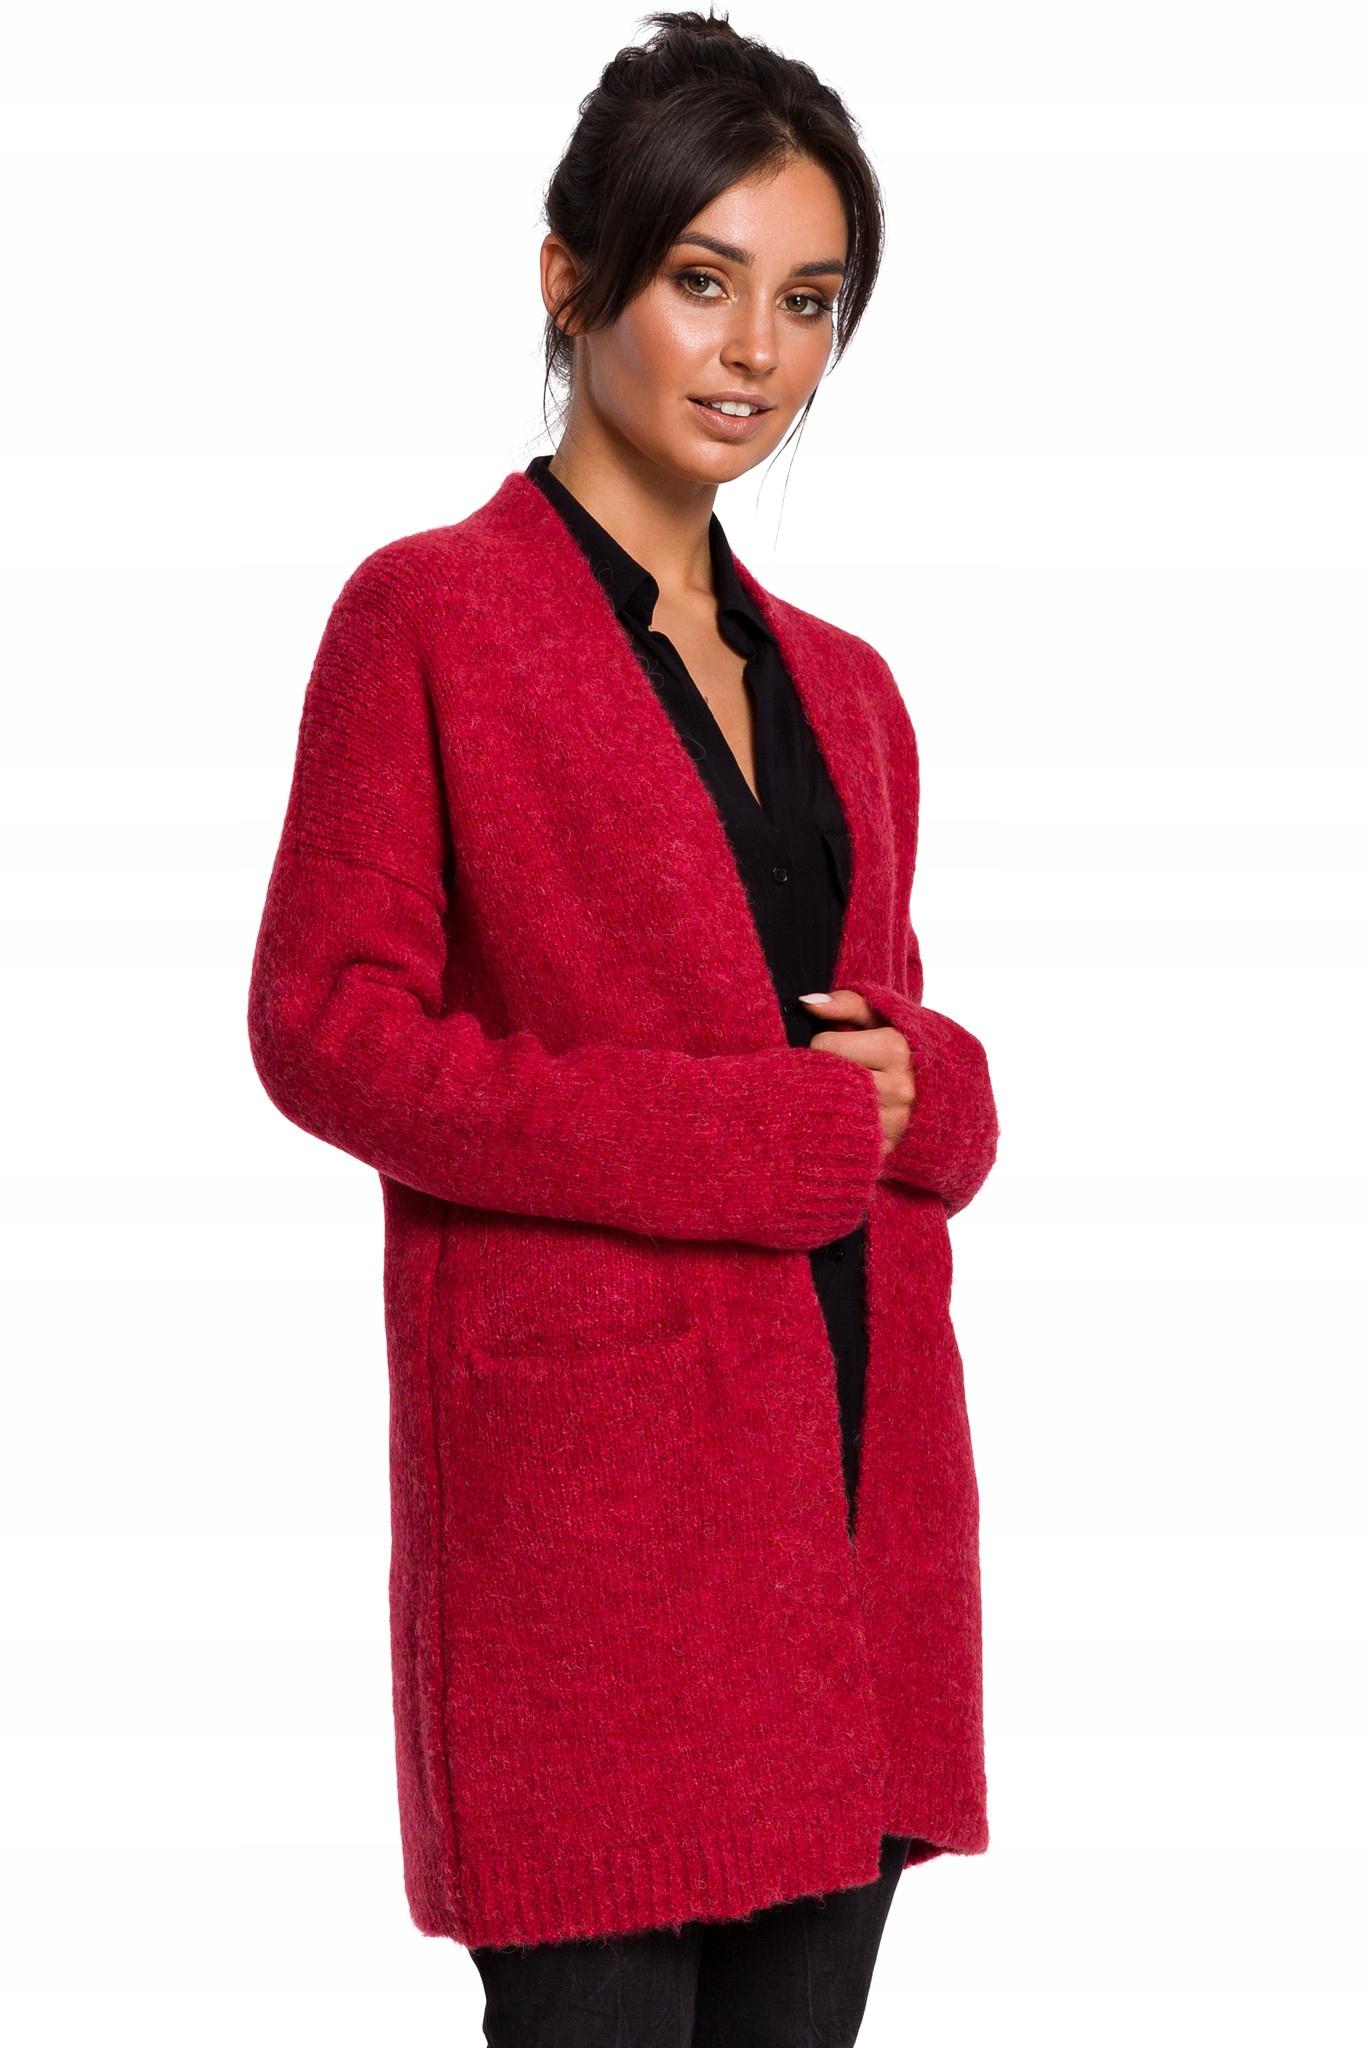 Ciepły Wełniany Kardigan Damski Sweter L/XL